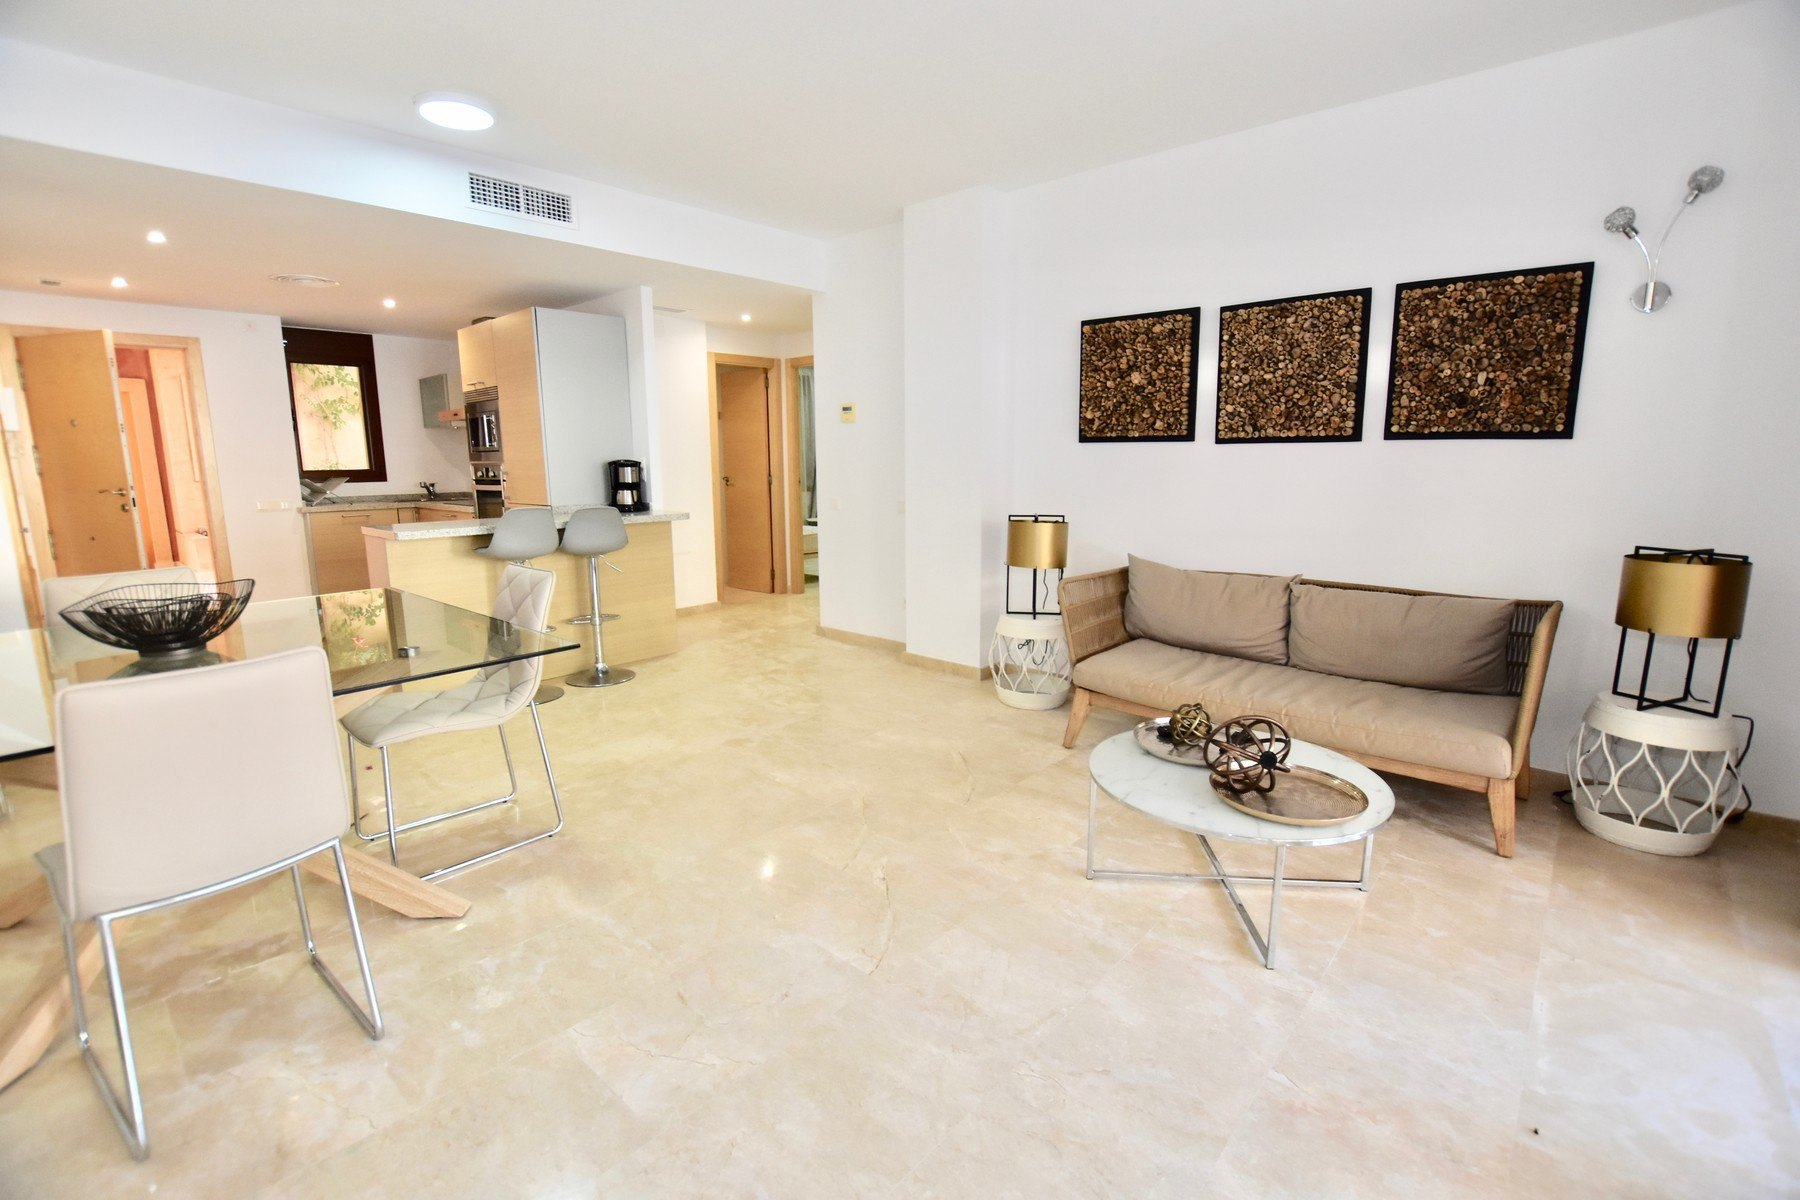 Beautiful 2 bedroom apartment in urbanization Jardines de Montemar in Moraira - Costa Blanca